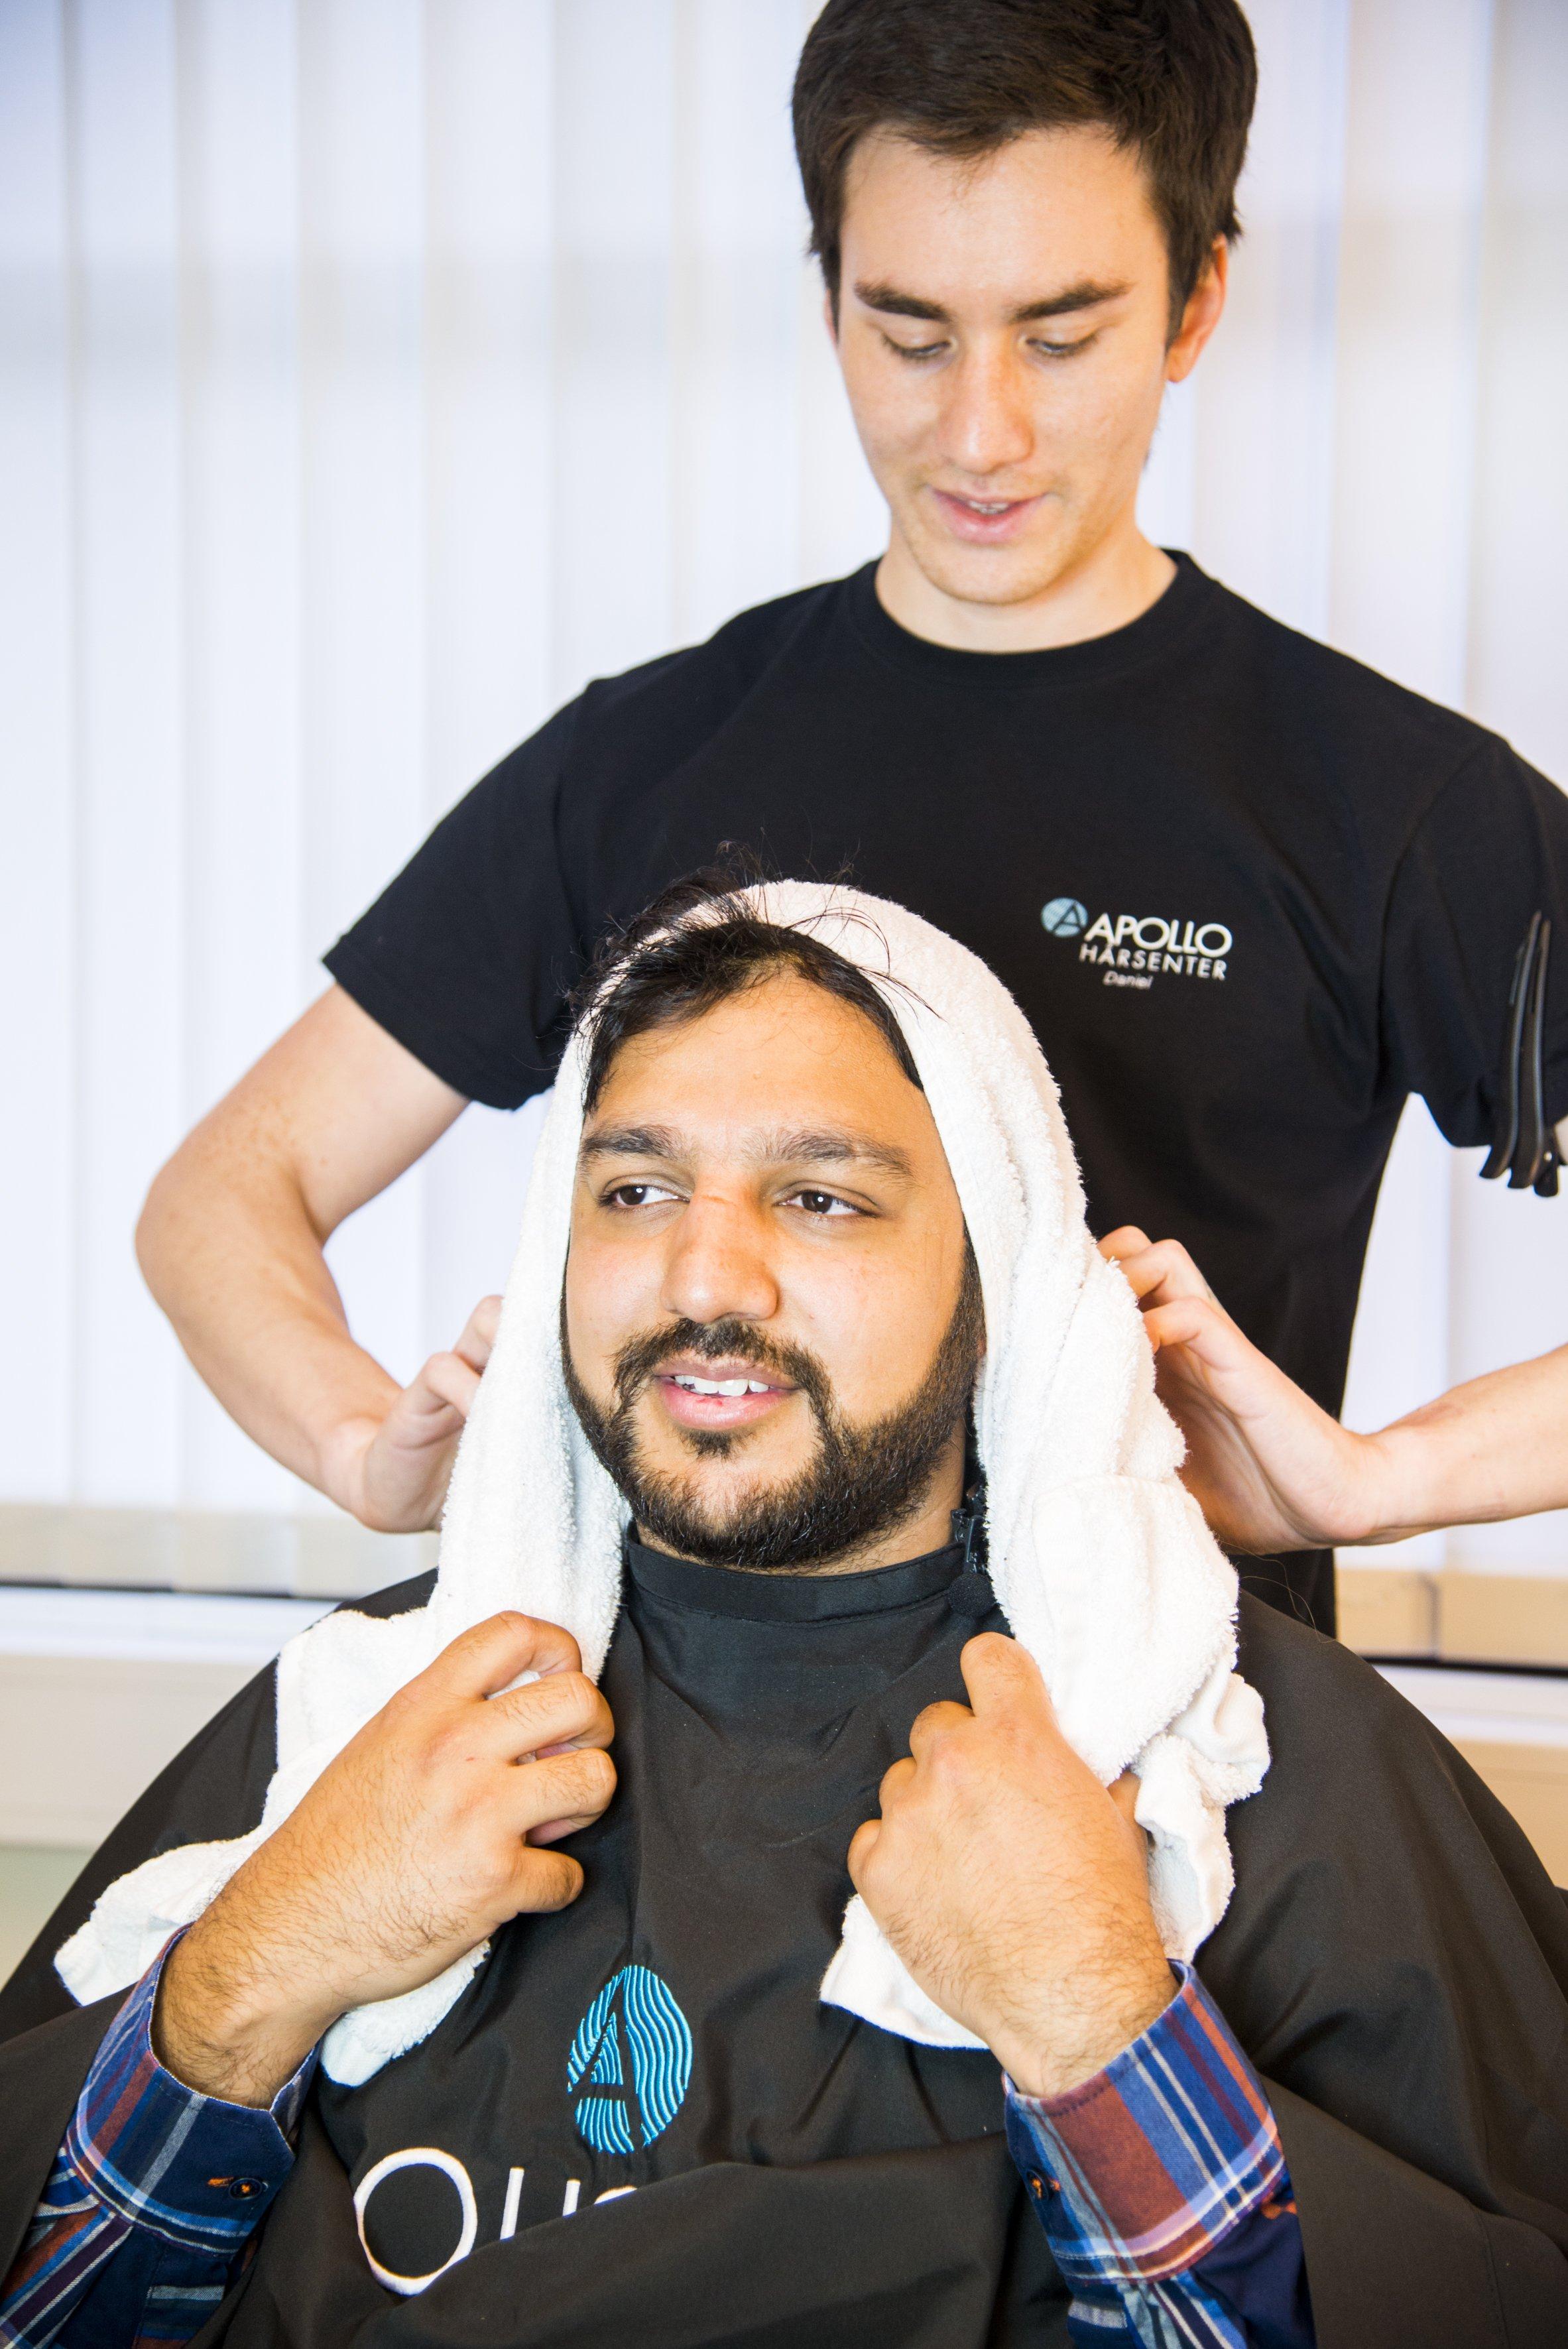 Hassan blir stylet og frisert.